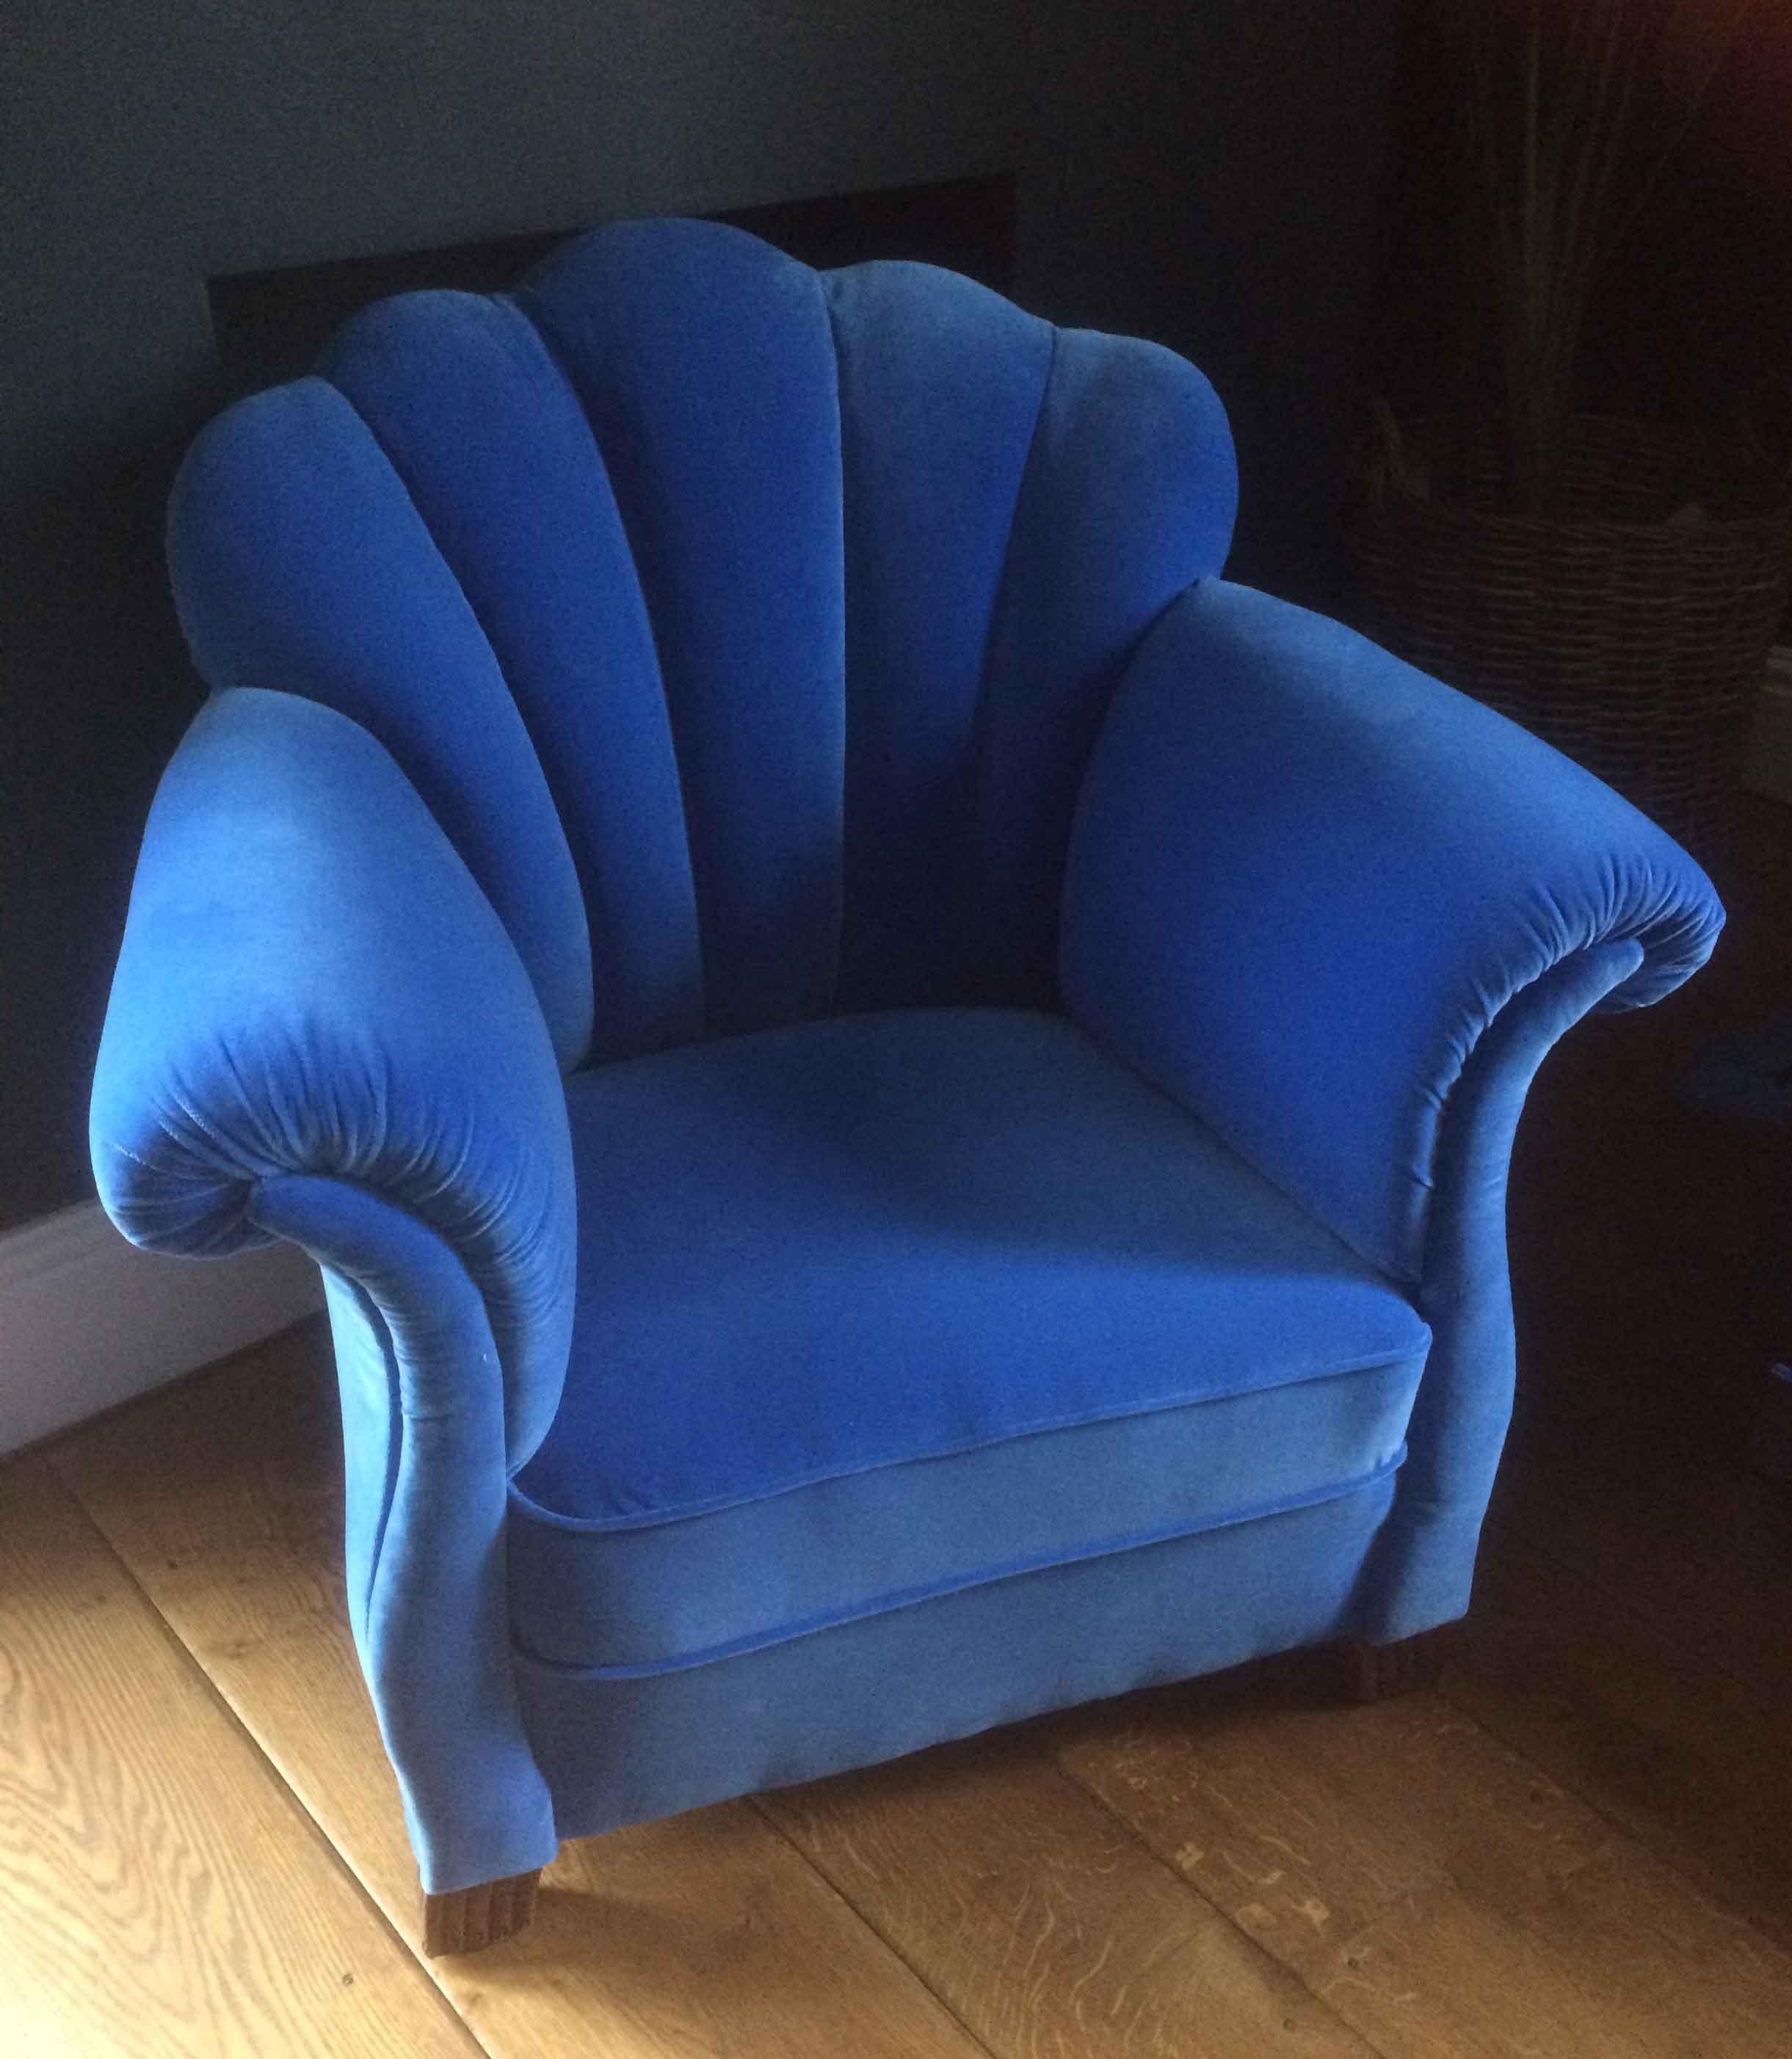 Art Deco shell back armchair upholstered in blue velvet